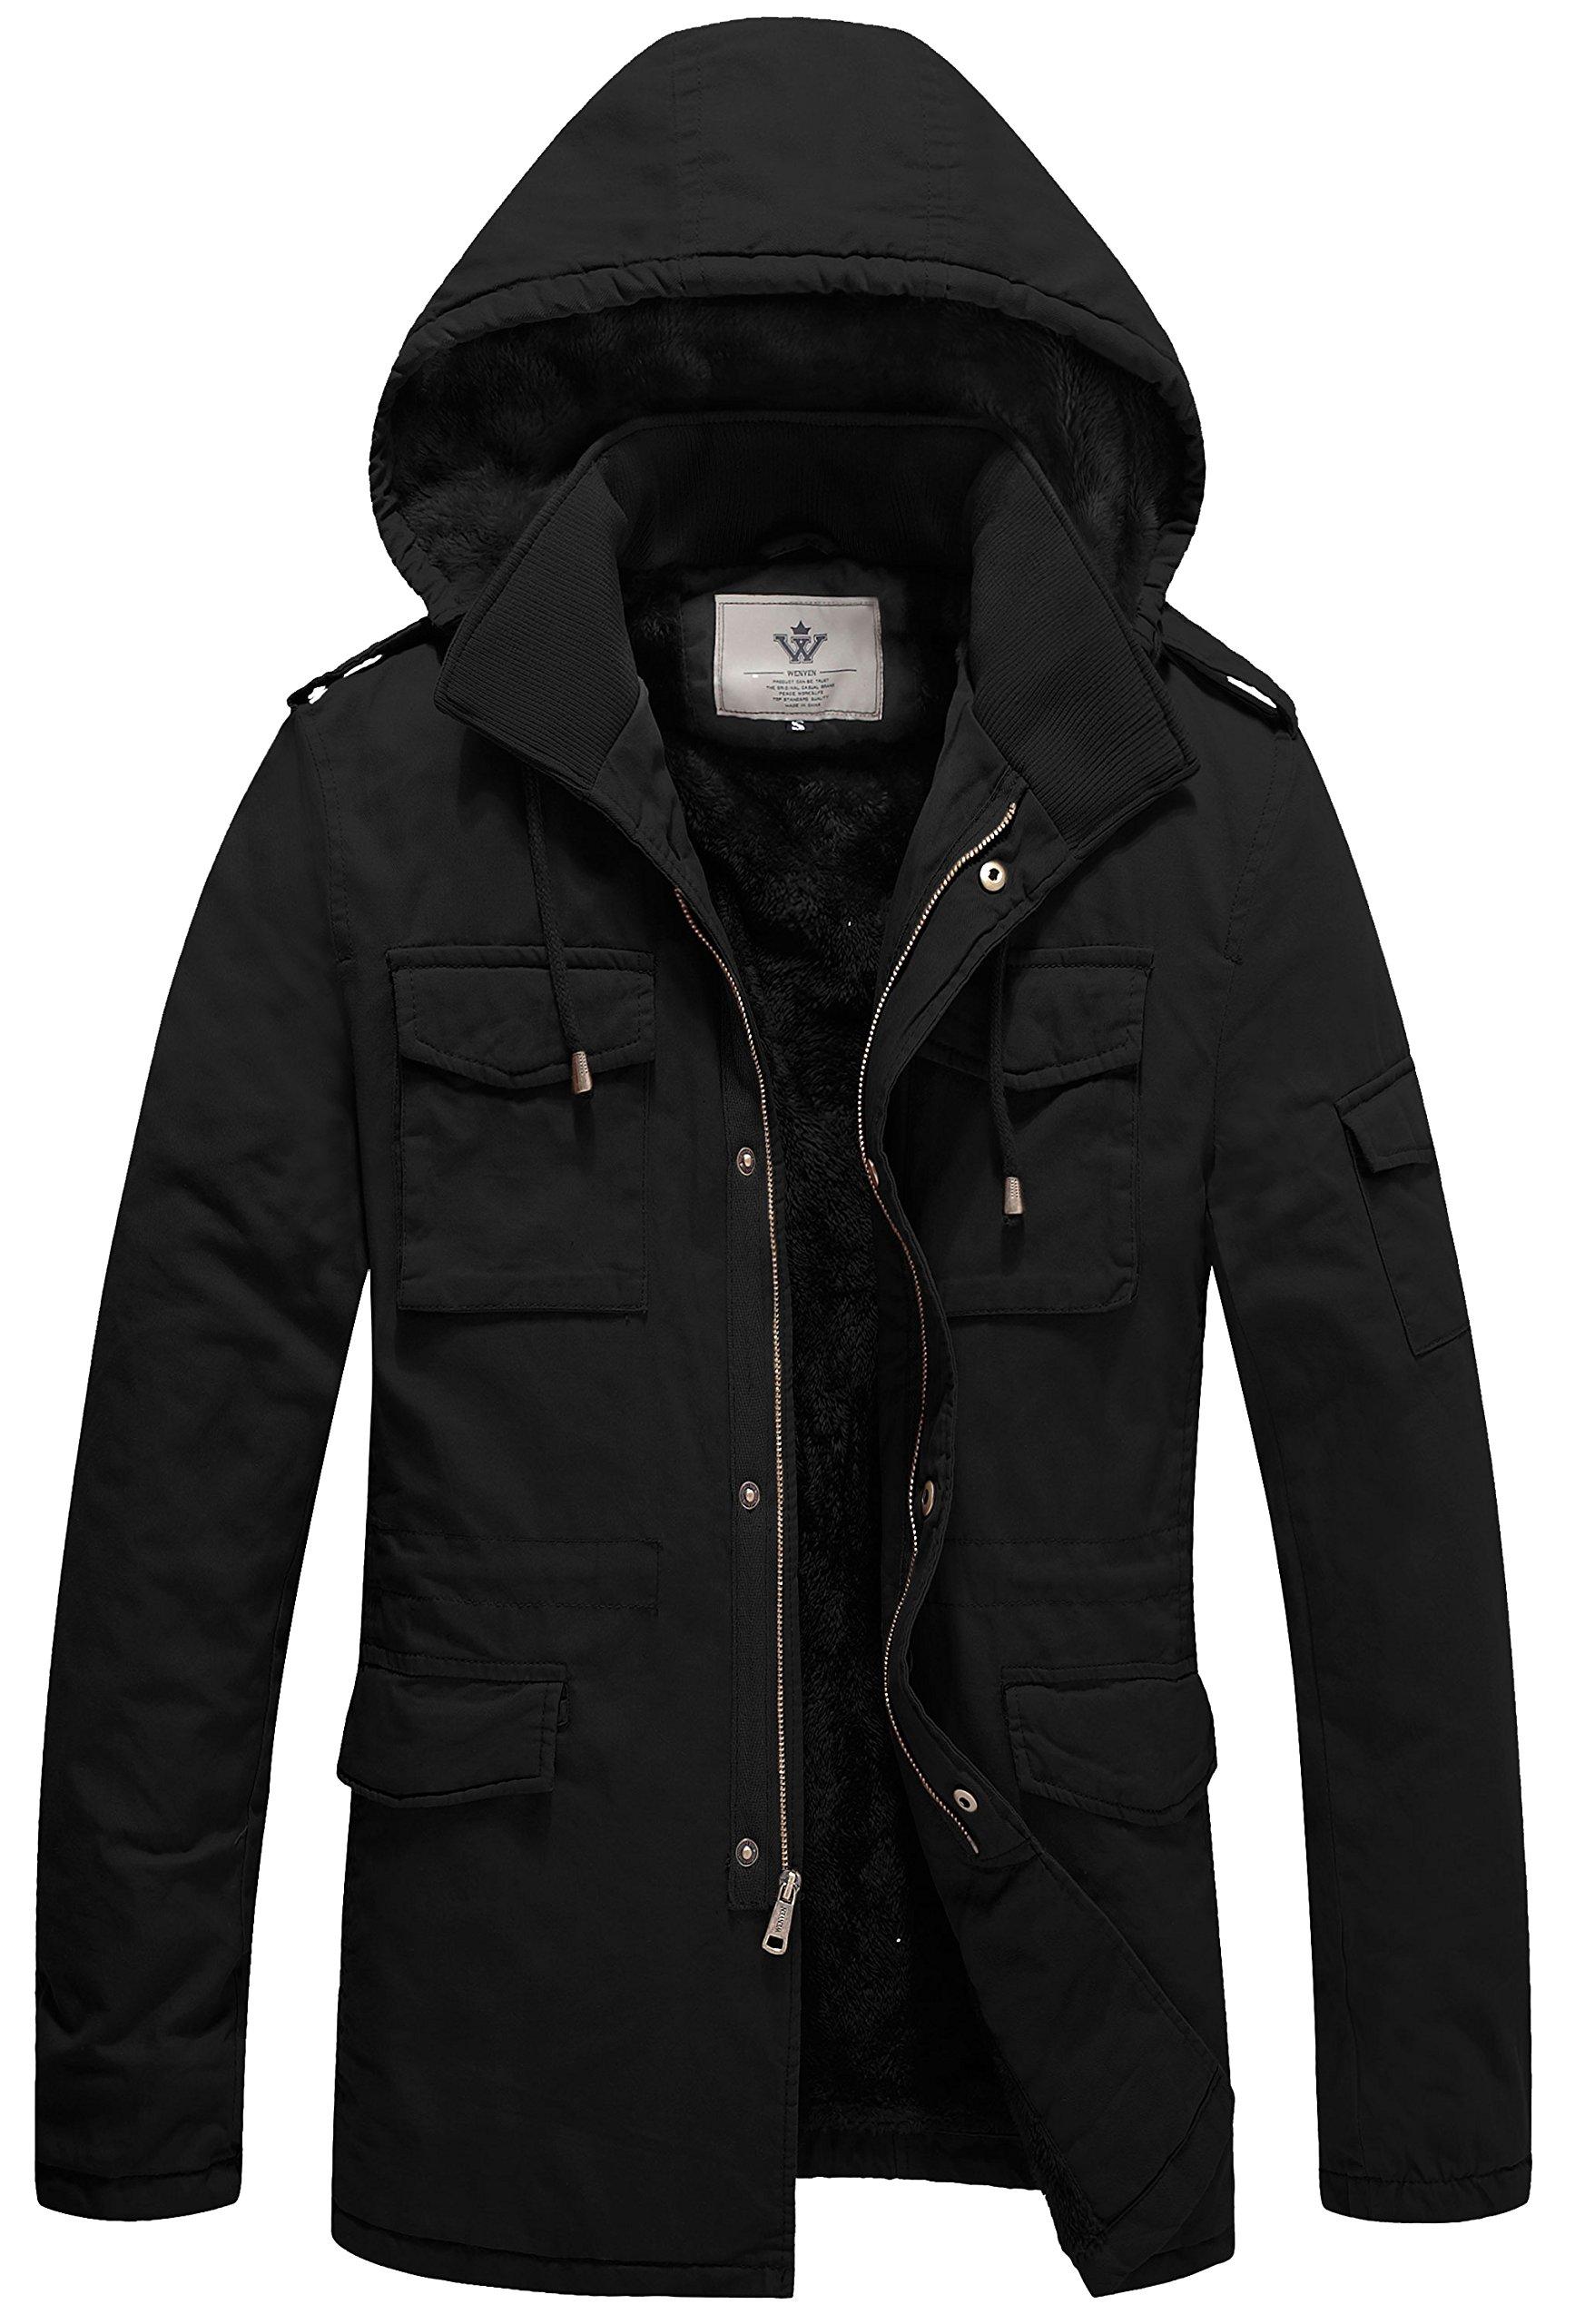 WenVen Men's Duck Sherpa Lined Hooded Jacket(B-Black,L) by WenVen